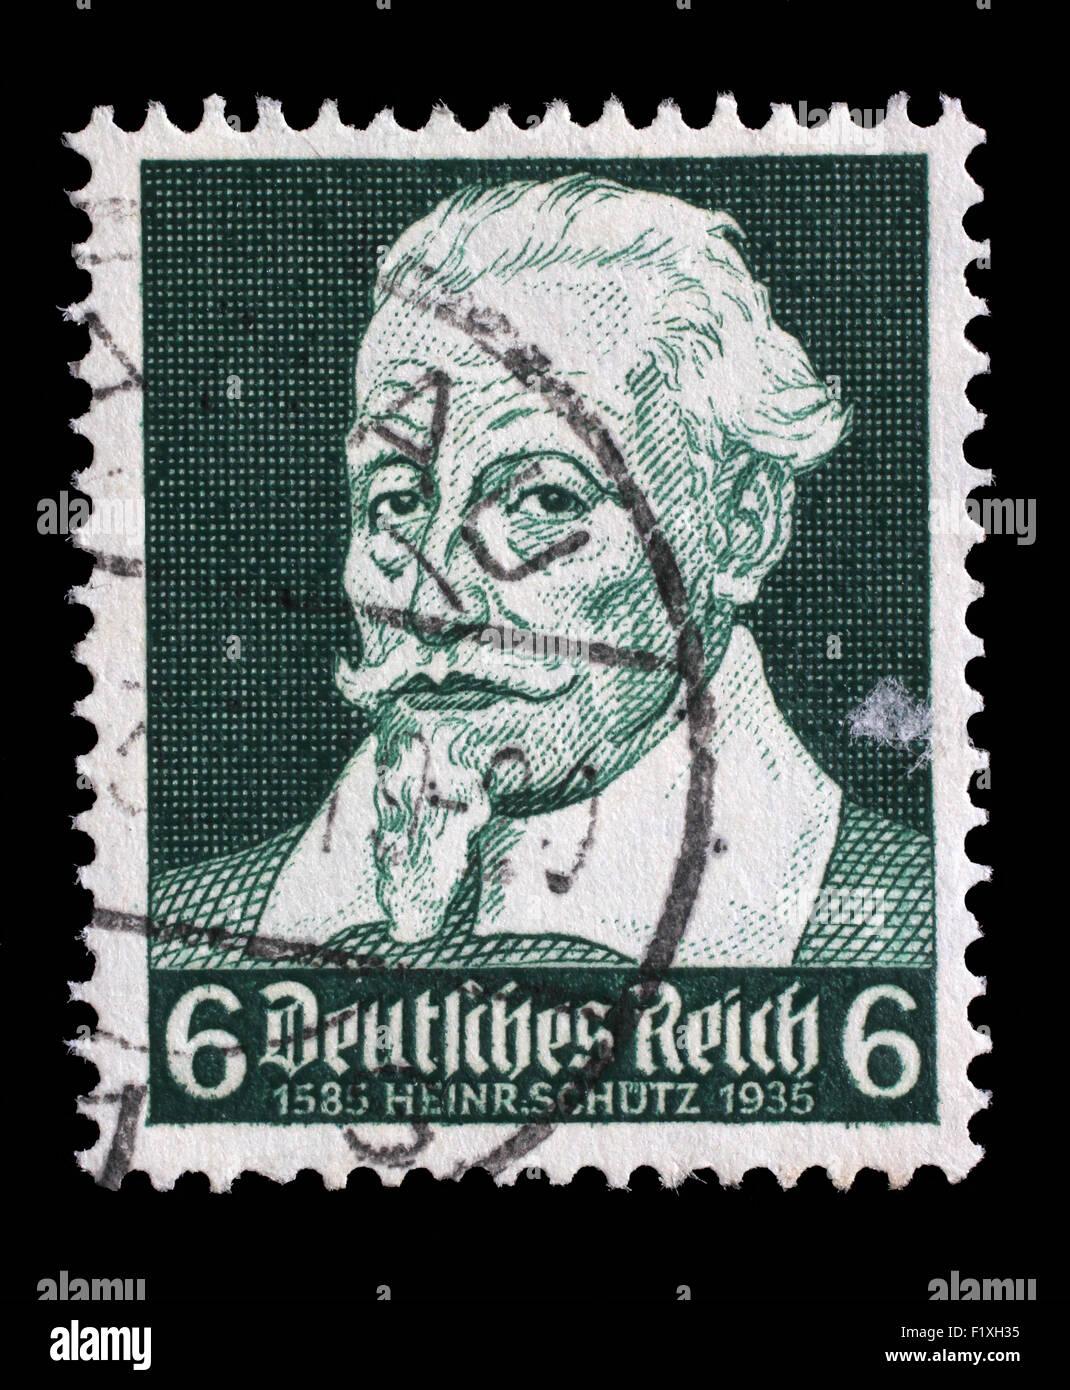 Stamp printed in the German Reich shows Heinrich Schutz (1585-1672), composer, circa 1935. - Stock Image